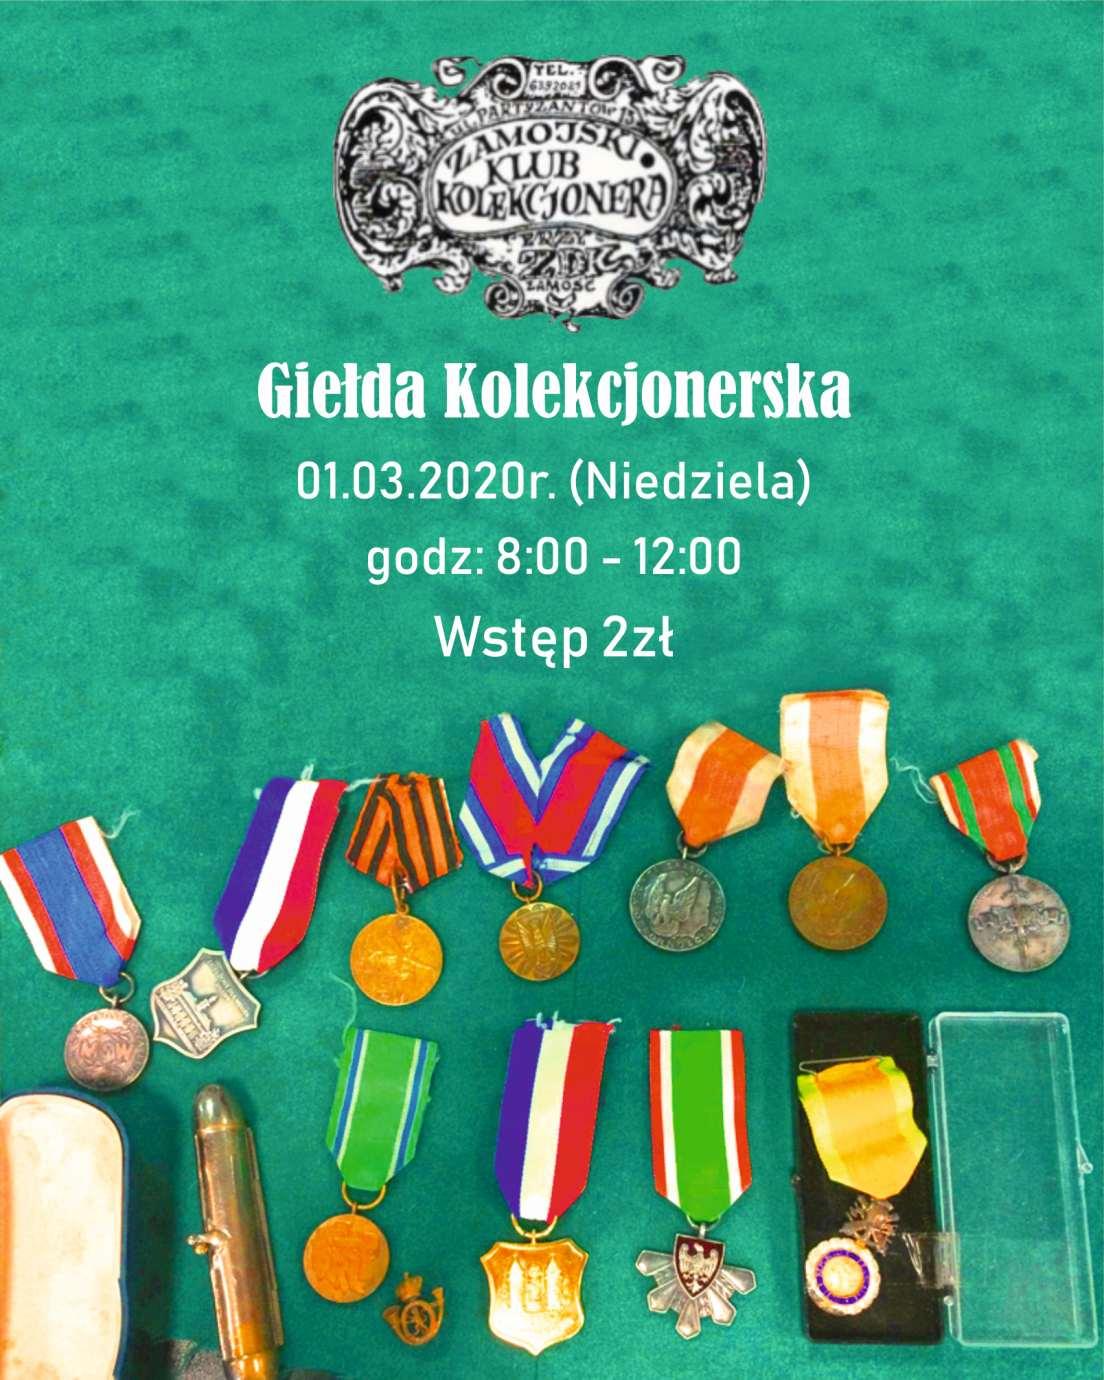 gielda kolekcjonerska 1 marca Raj dla kolekcjonerów w ZDK-u